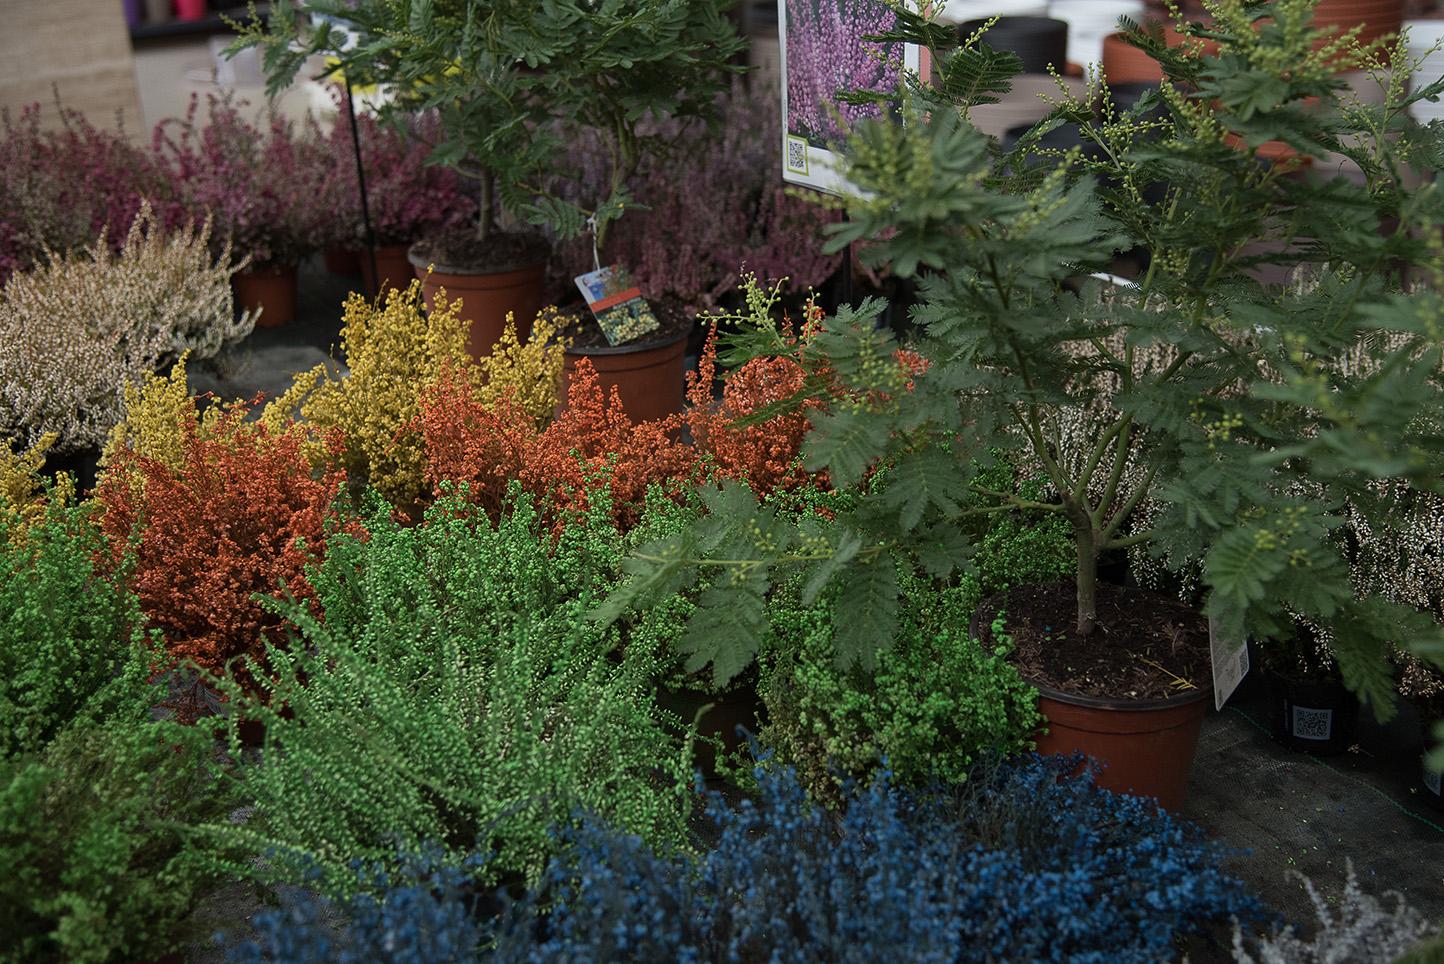 Centro de jardinería Gorbeia - Arbustos